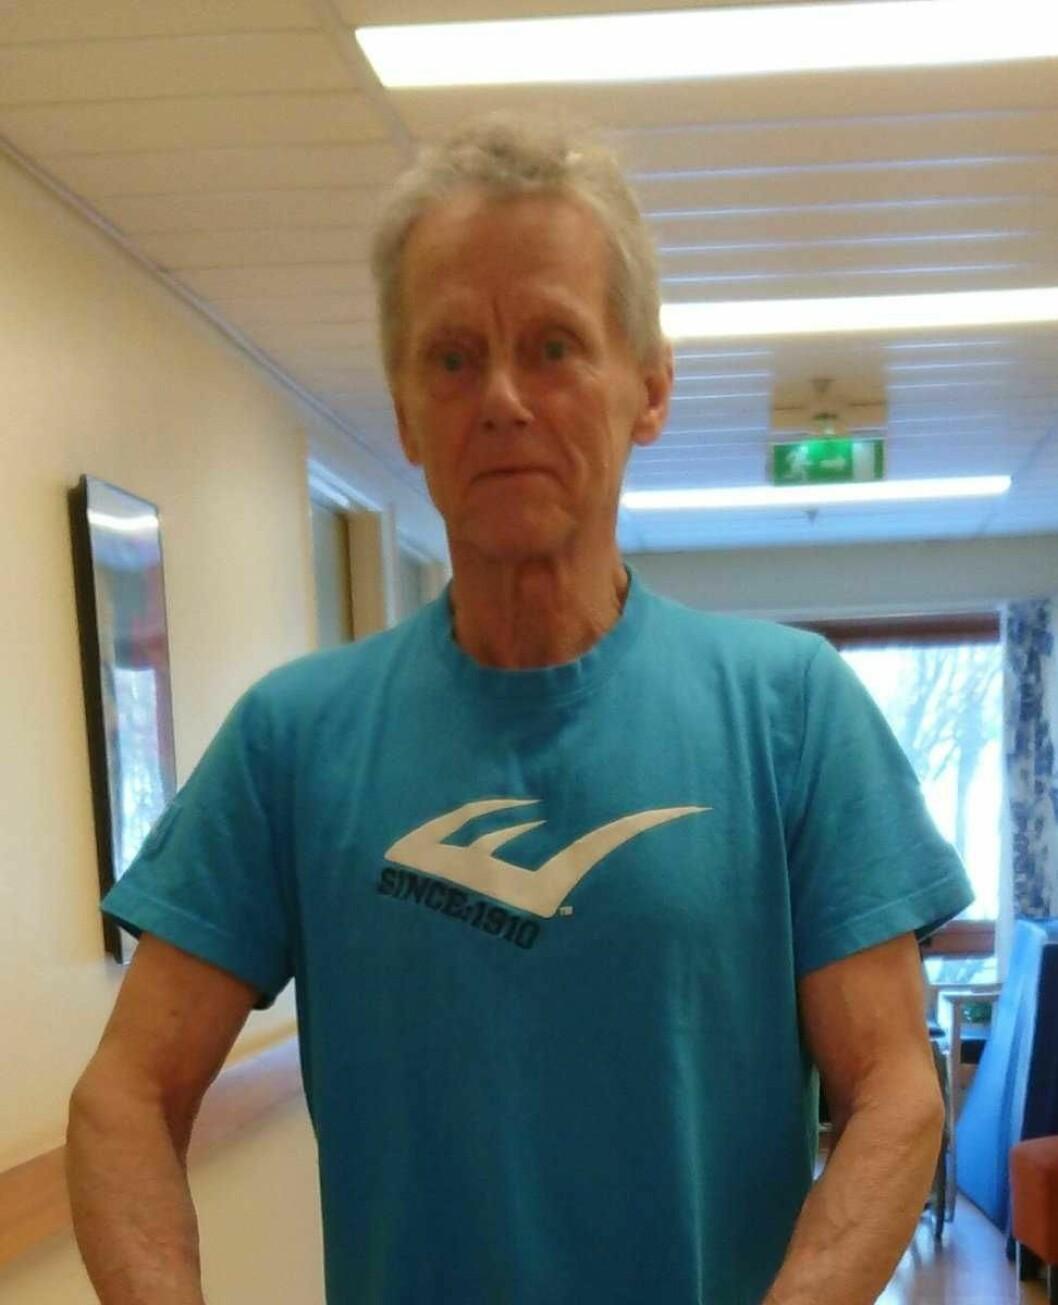 Nytt oppdatert bilde av savnede. � T-skjorten skal være den som savnede trolig hadde på seg da han forsvant fra Madserudhjemmet. Tips oss på 02800, sier politiet. Foto: Politiet